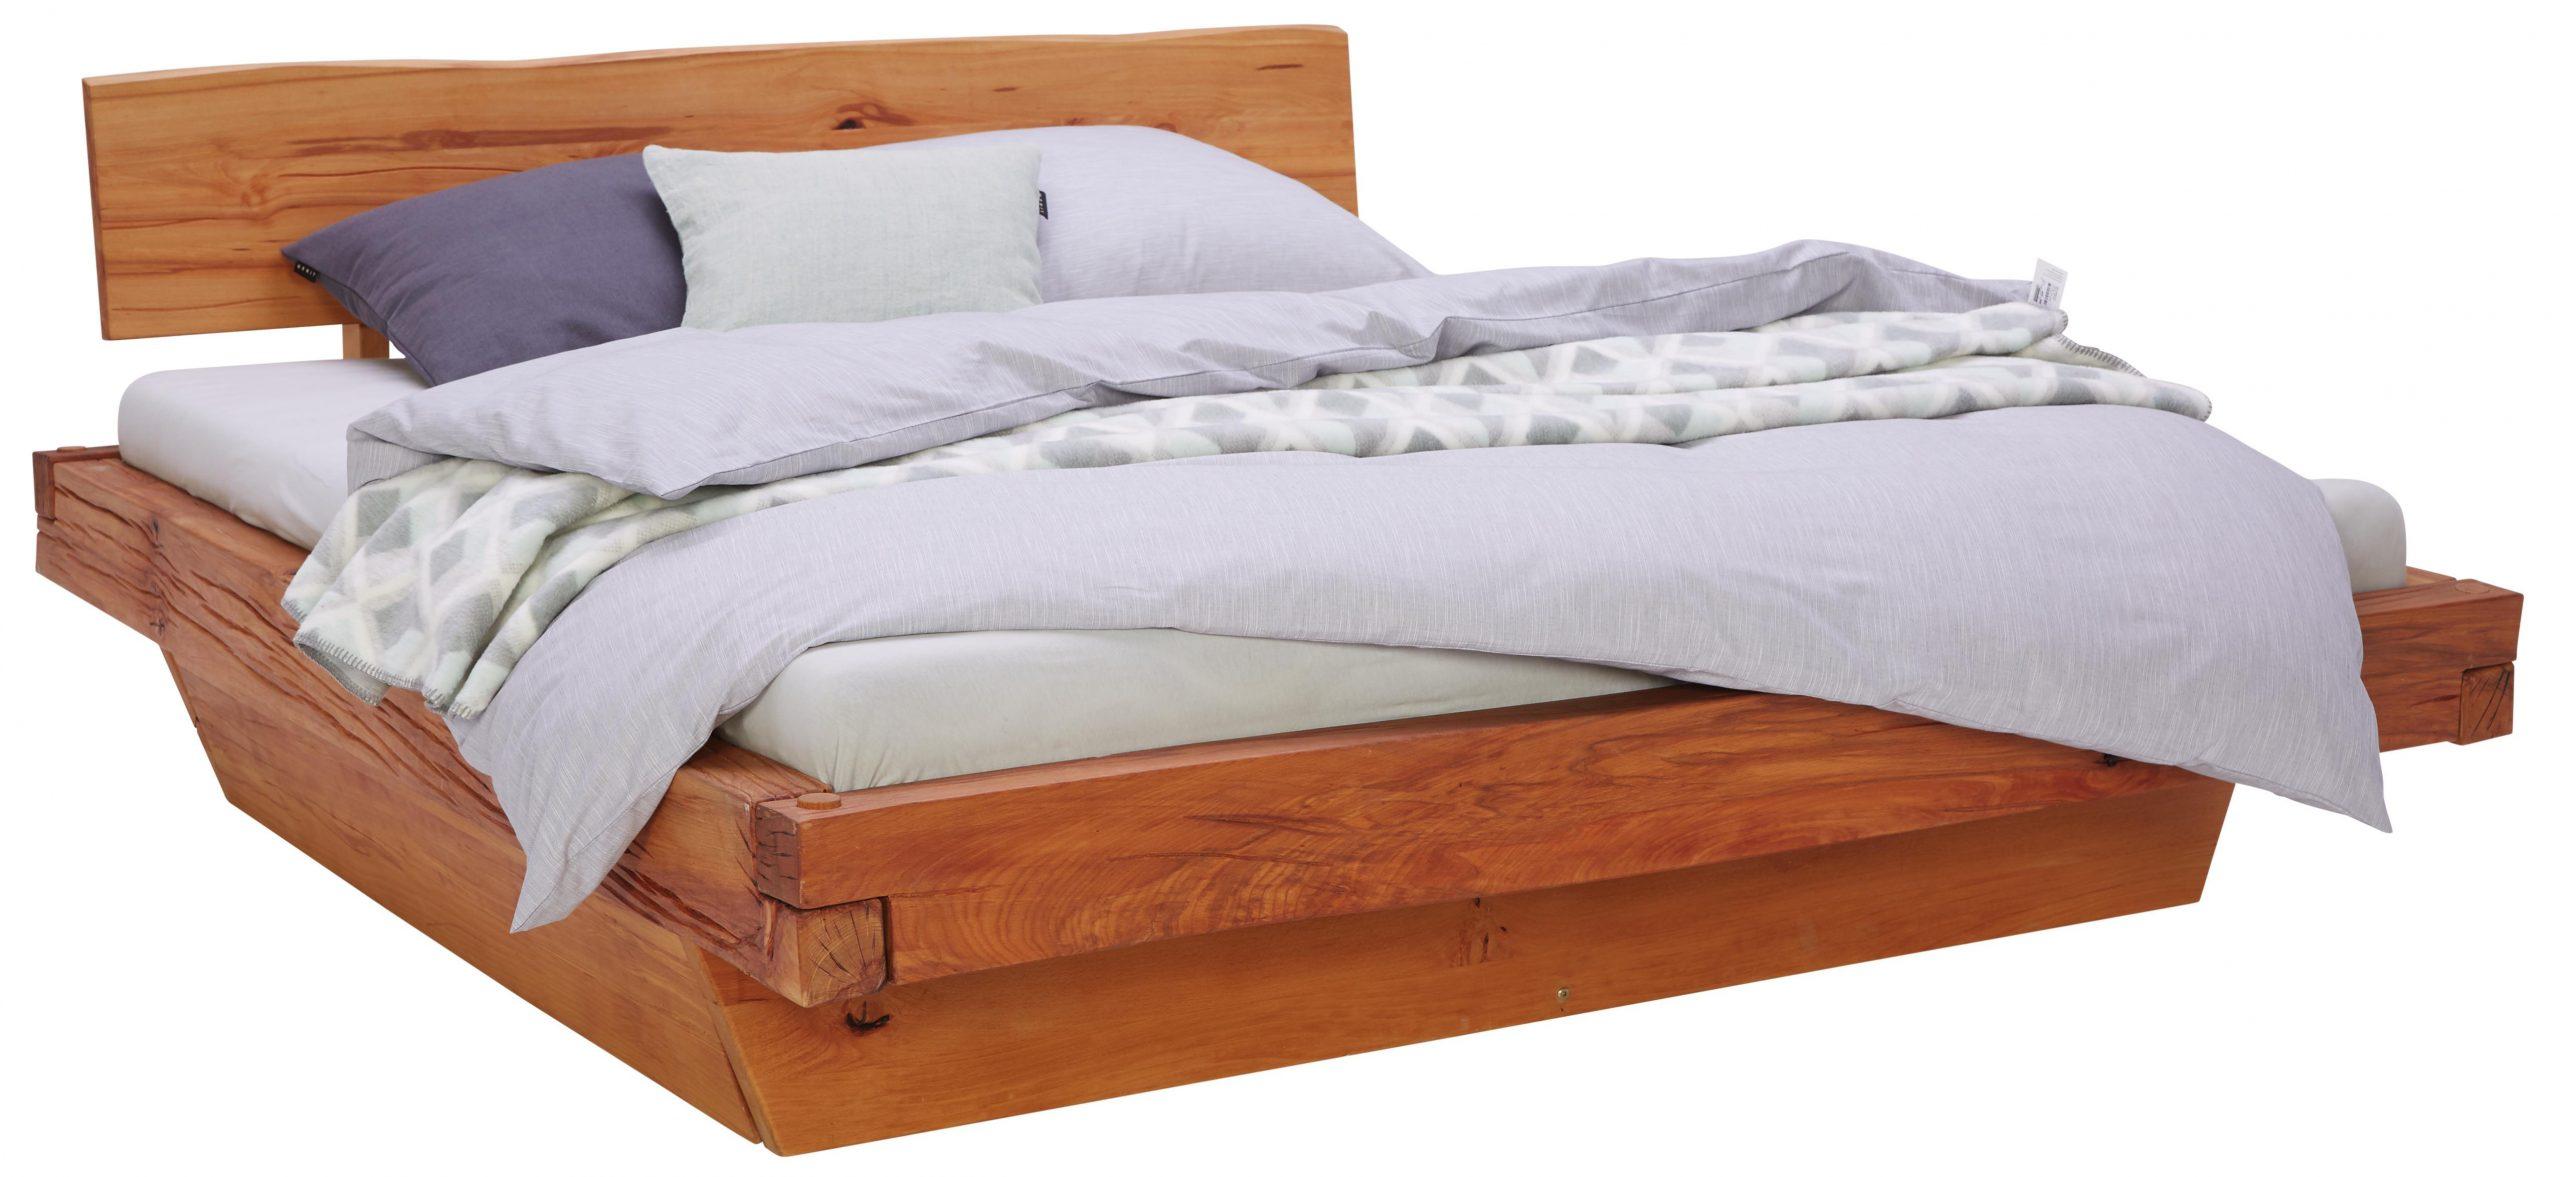 Full Size of Balken Bett Balkenbett 180 200 Cm Aus Massivholz Kaufen 180x220 Betten Mannheim Schrank 140x200 Mit Bettkasten 90x200 Lattenrost Und Matratze Komforthöhe Bett Balken Bett